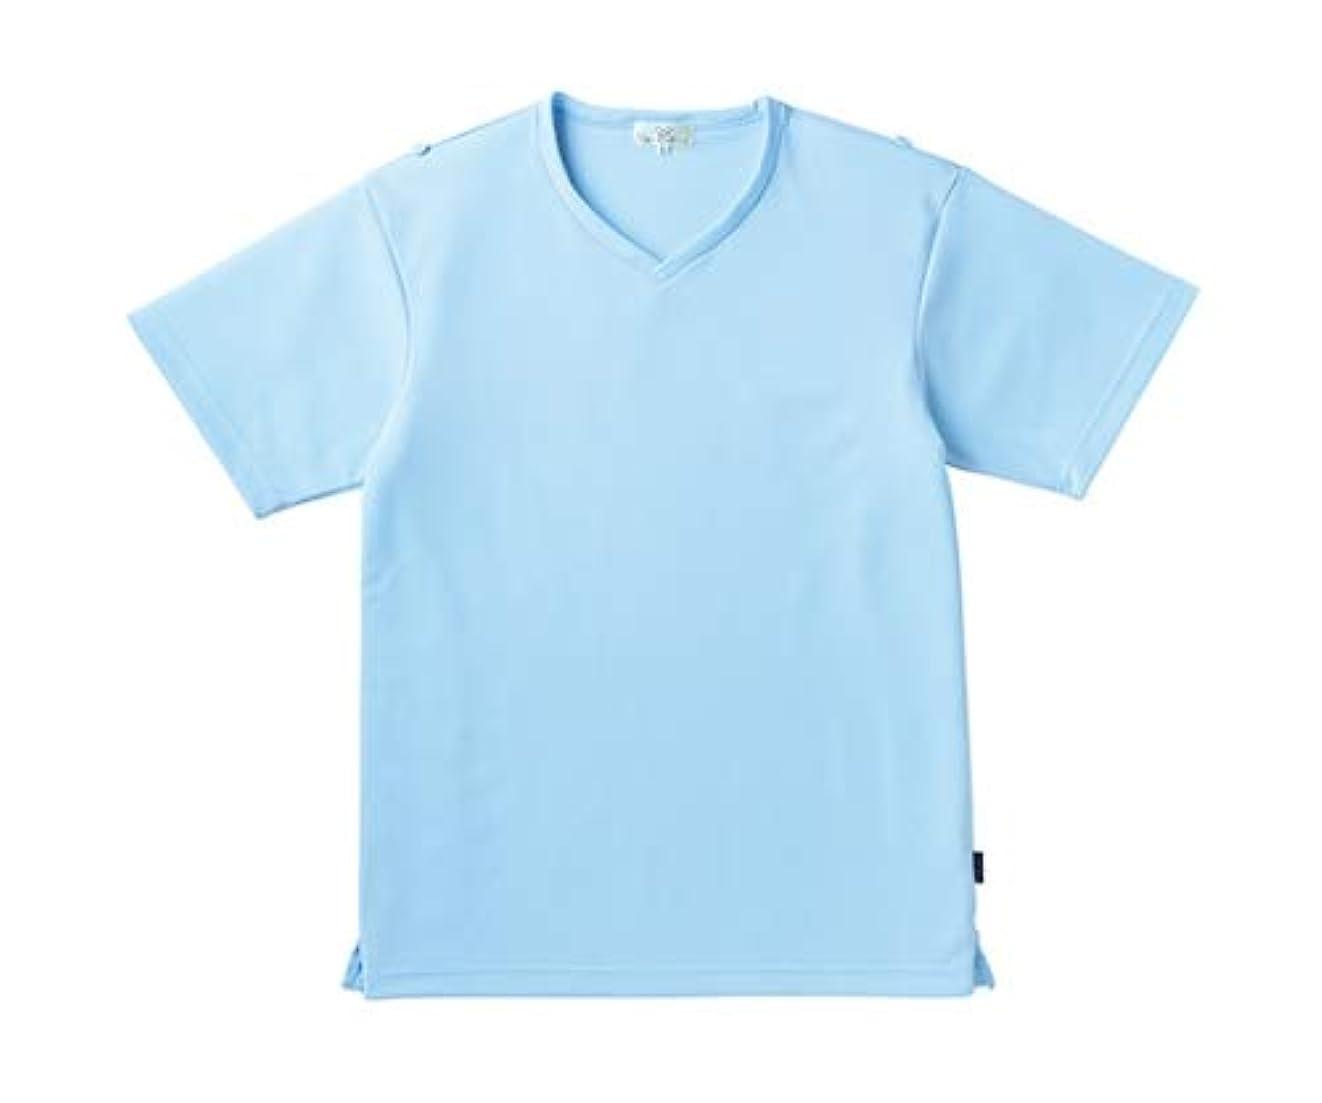 枕絶望的な上記の頭と肩トンボ/KIRAKU 入浴介助用シャツ CR160 3L サックス